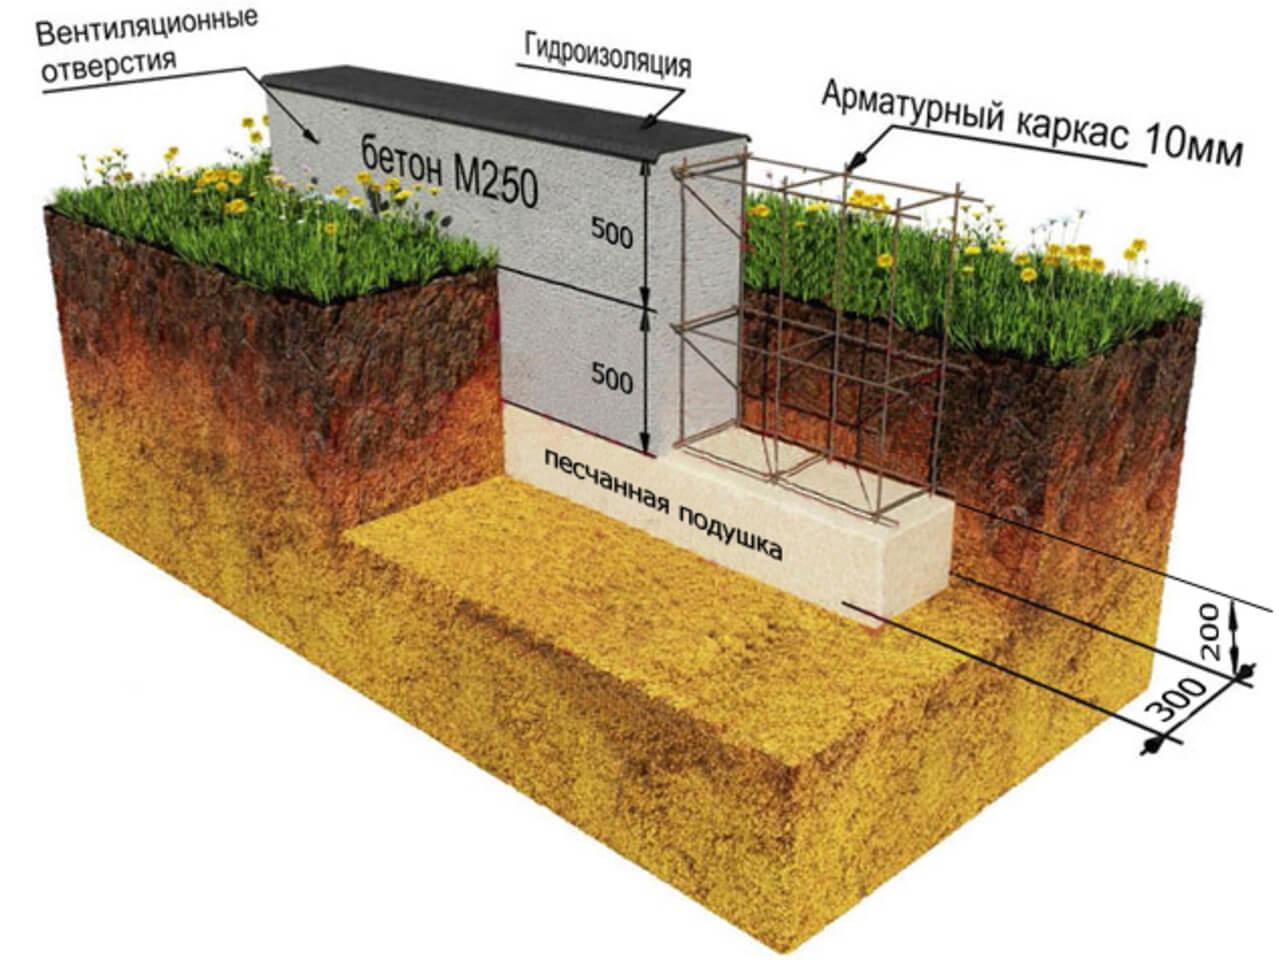 Схема мелкозаглубленного ленточного фундамента из бетона